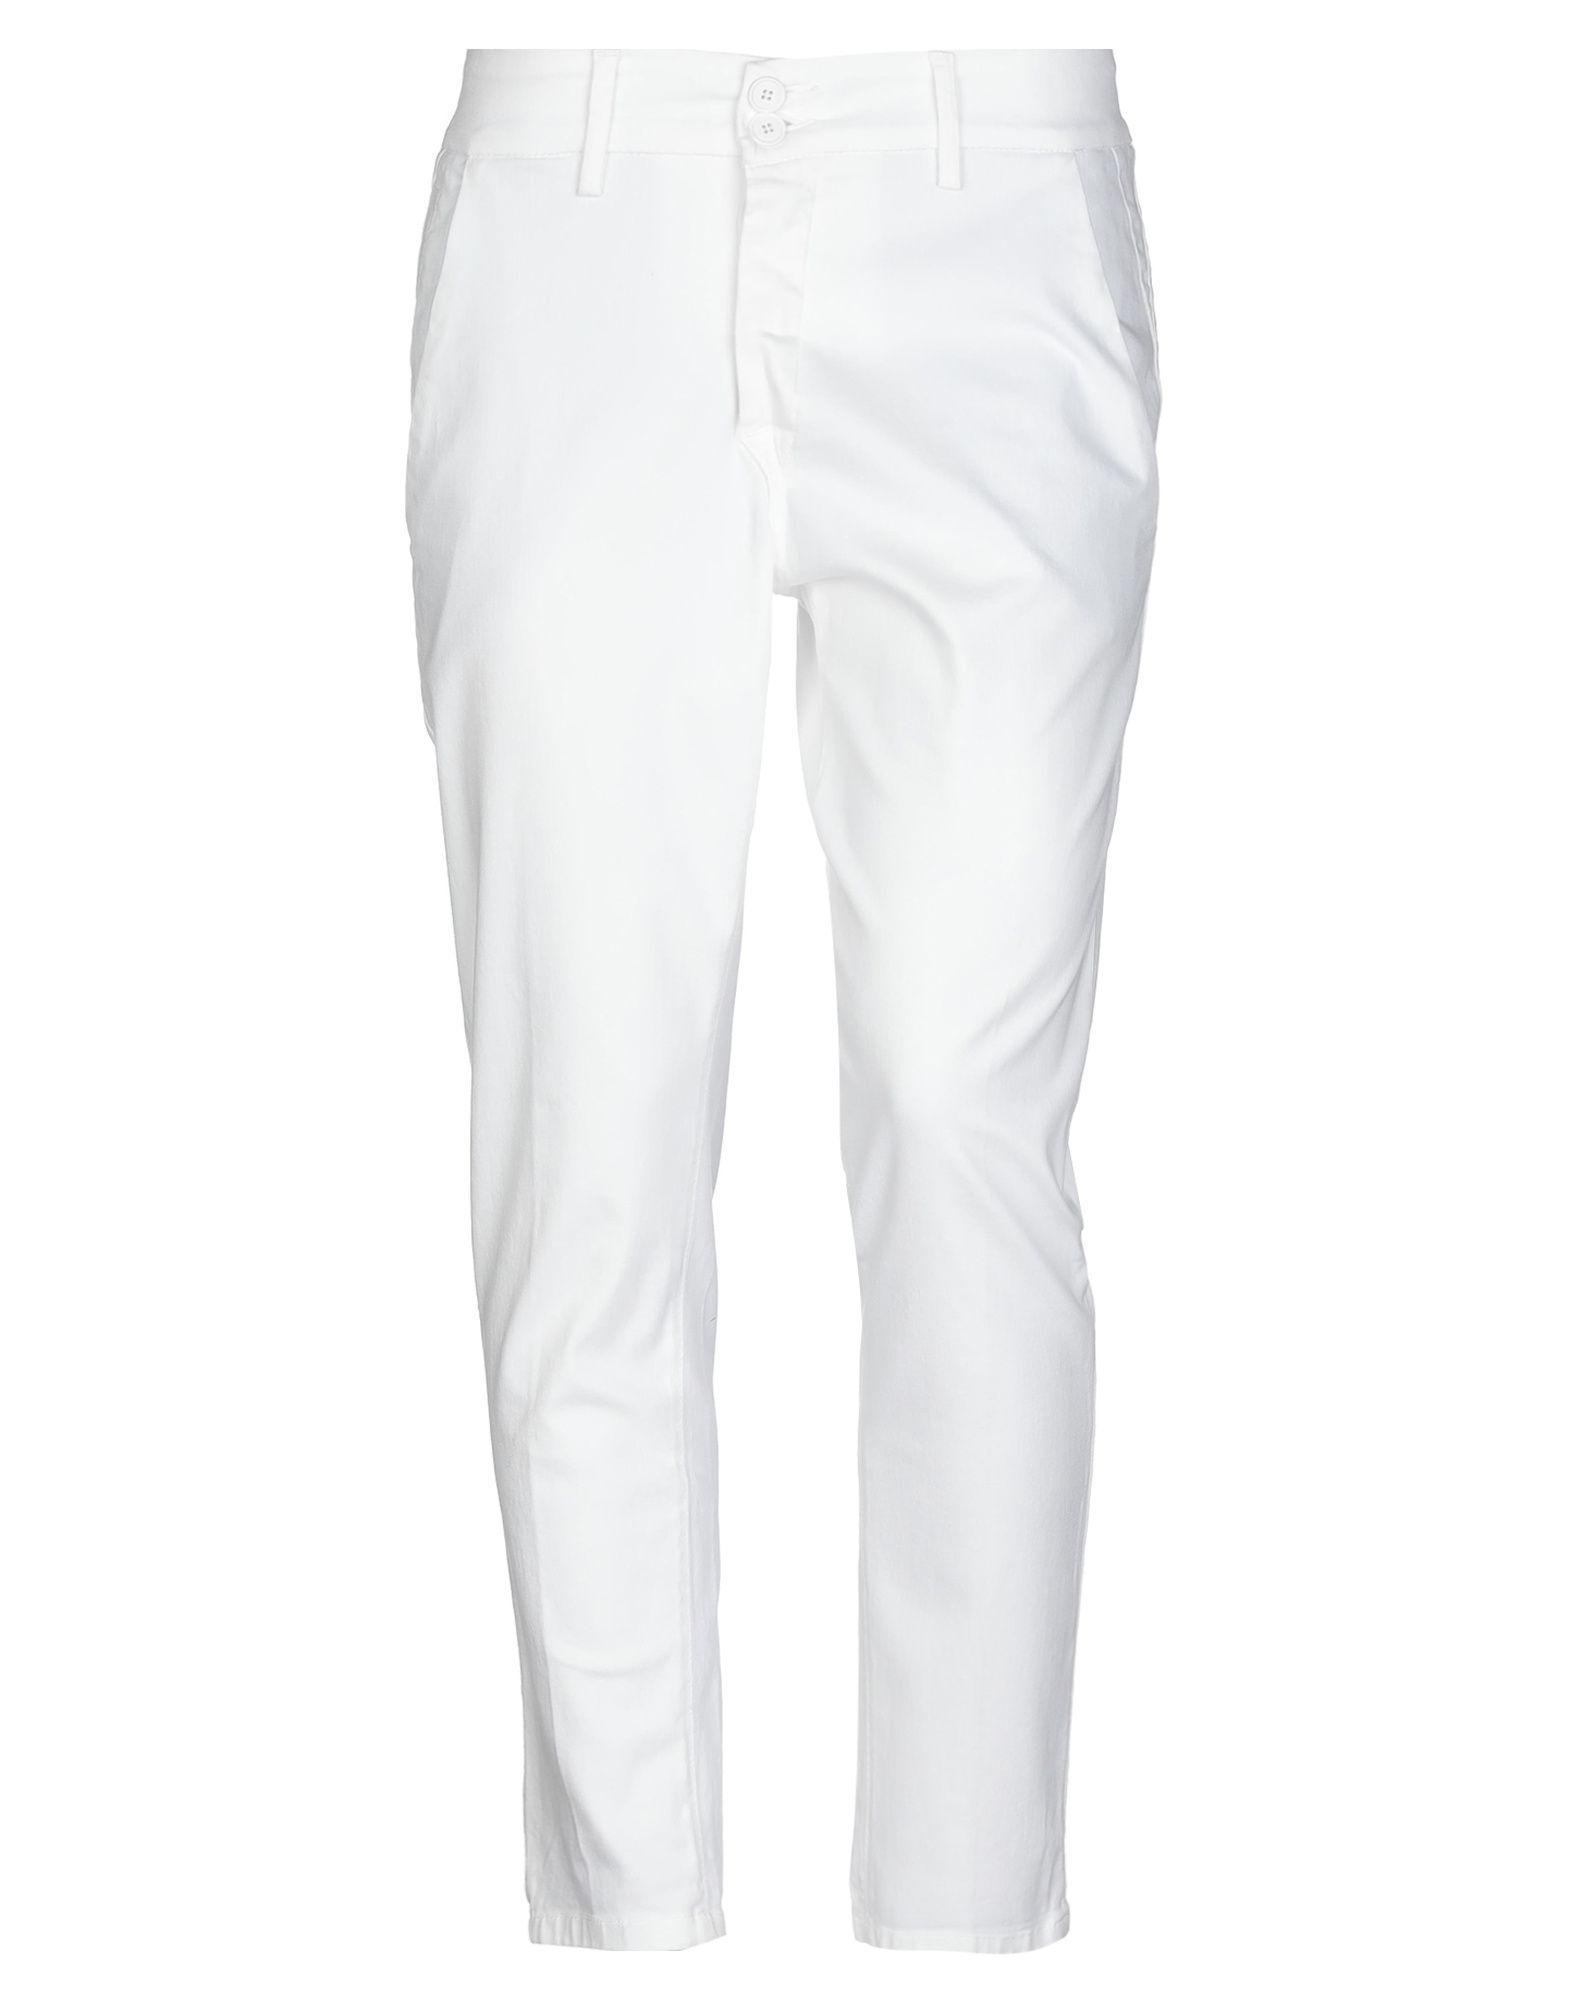 《期間限定セール開催中!》S.O.S. by ORZA STUDIO レディース パンツ ホワイト 30 コットン 98% / ポリウレタン 2%